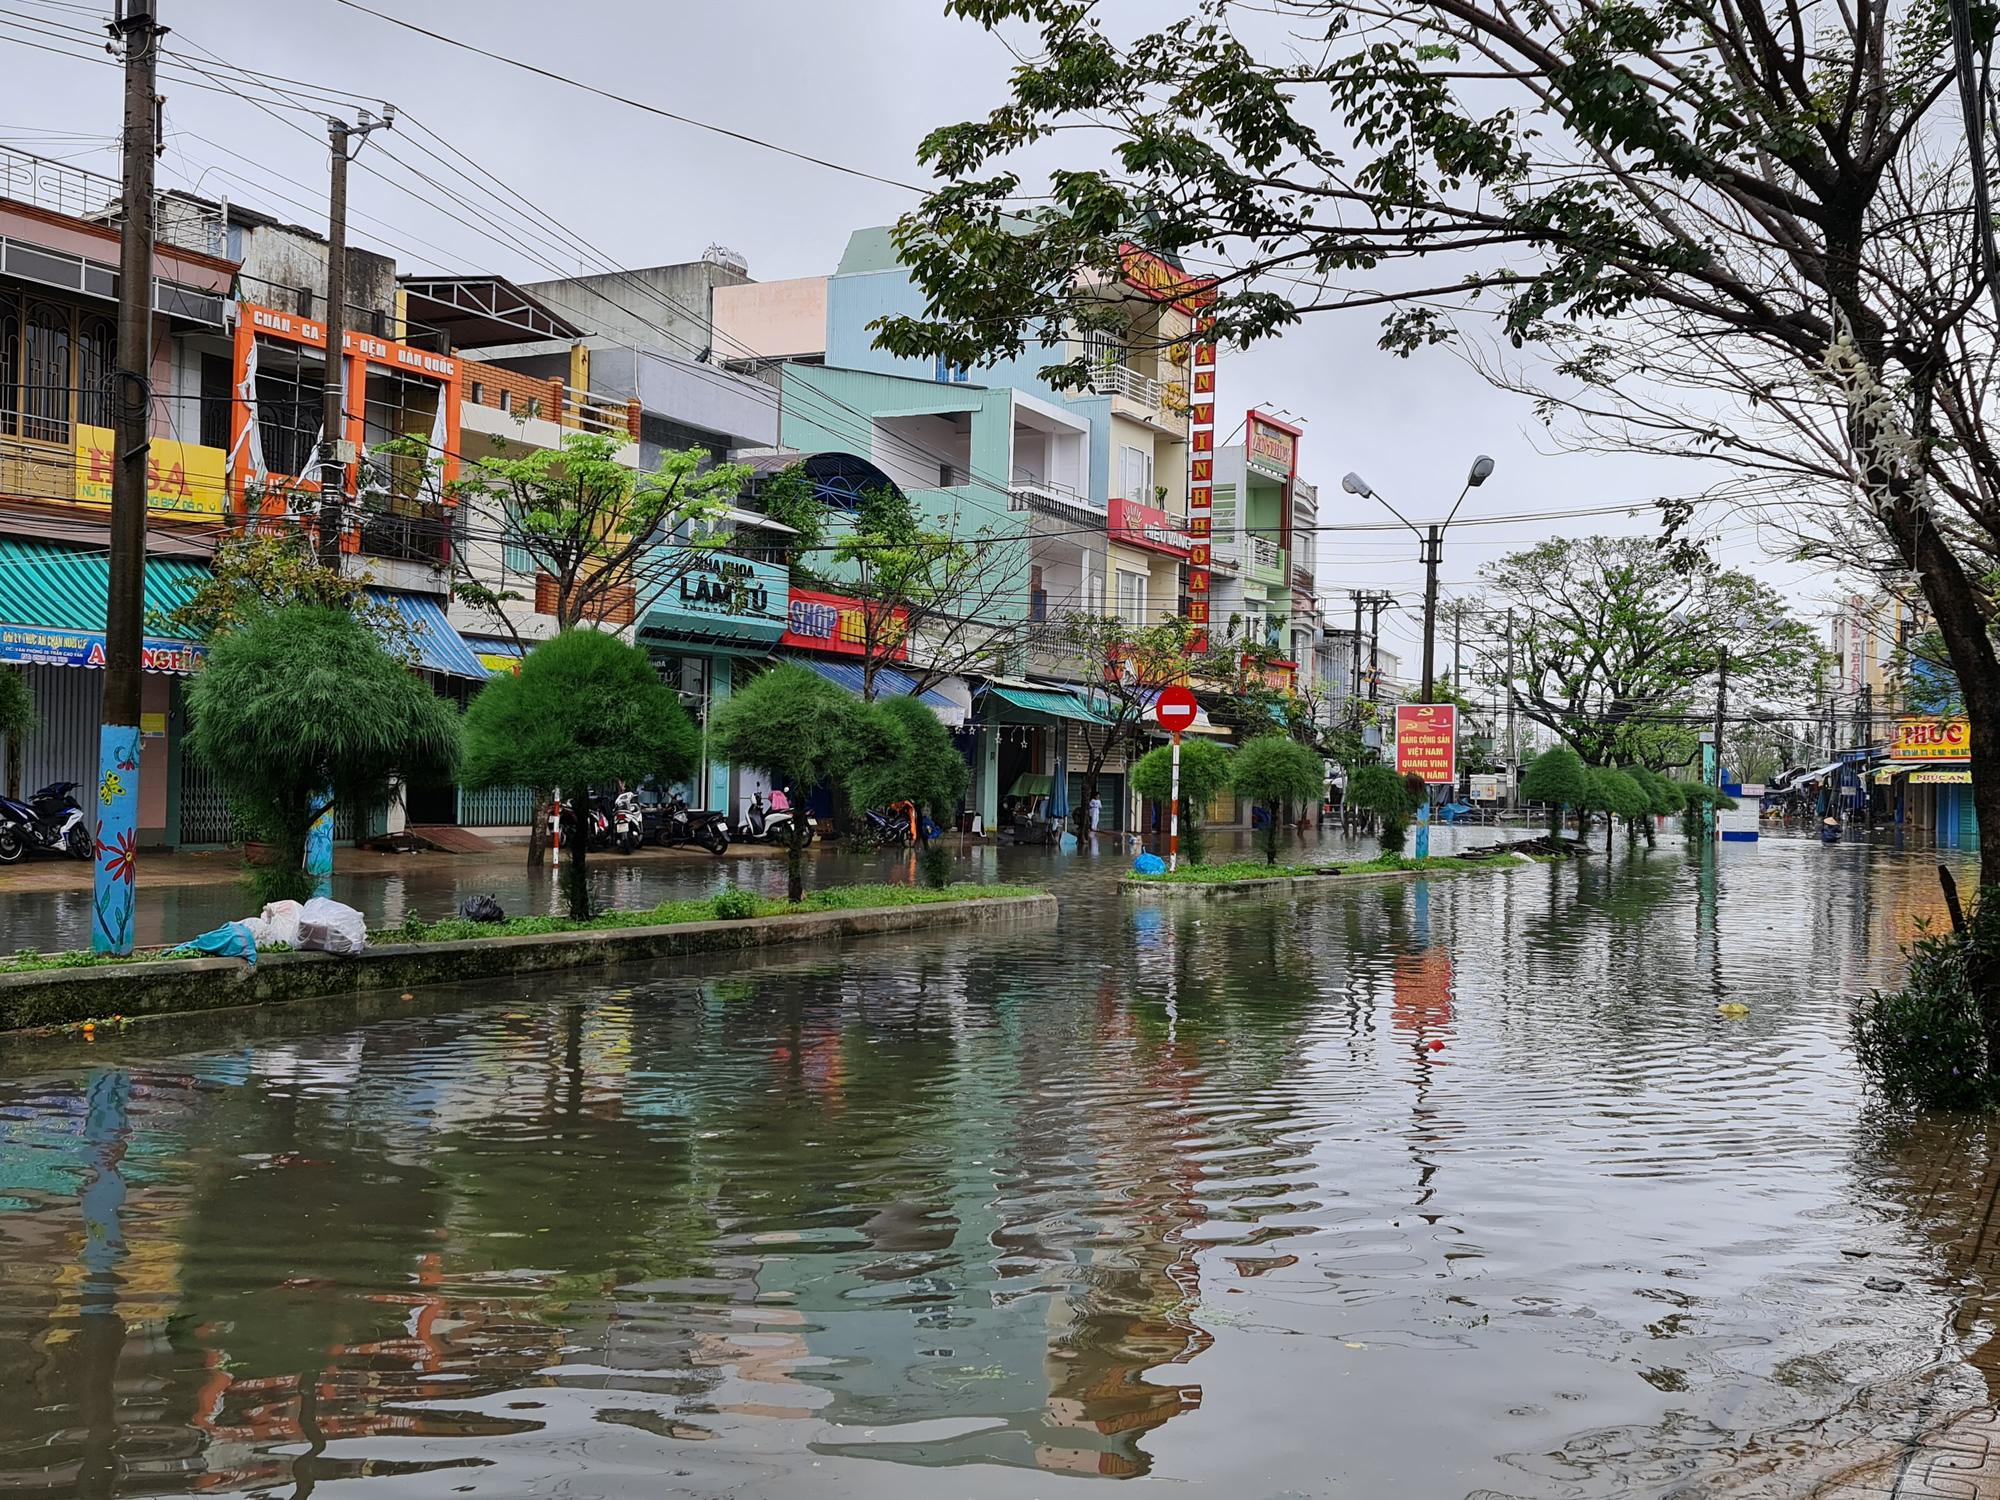 """Quảng Nam: Hồ thủy điện, thủy lợi xả lũ, dân lại """"bì bõm"""" trong nước - Ảnh 7."""